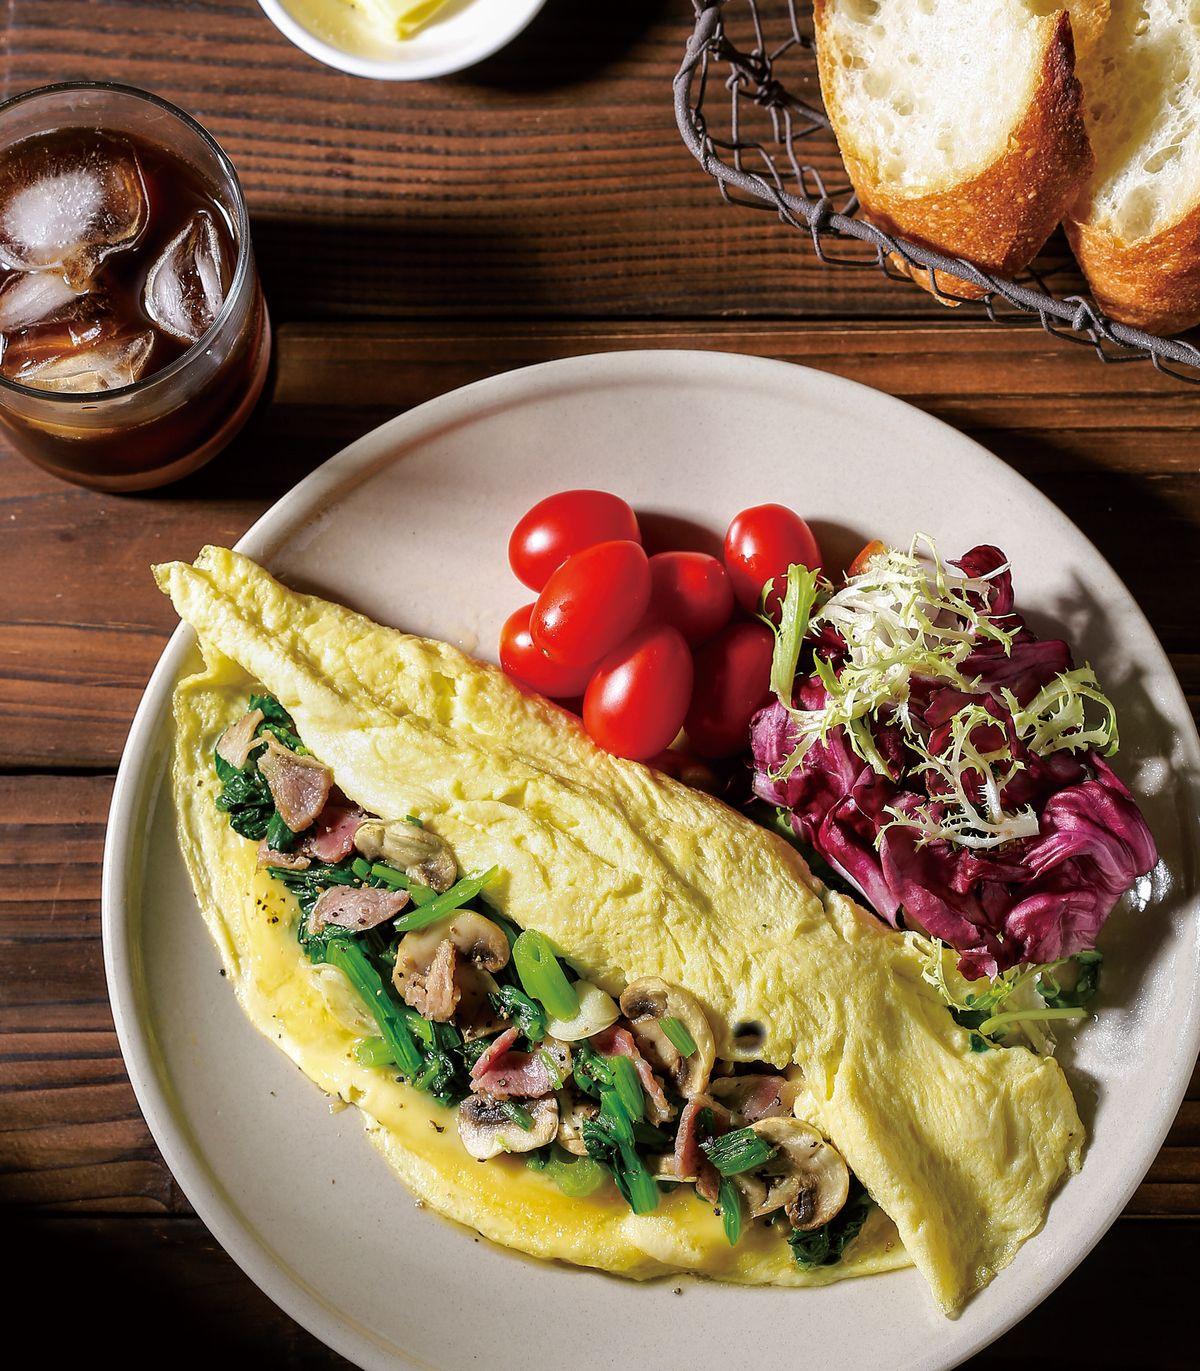 食譜:鮮蔬歐姆蛋卷